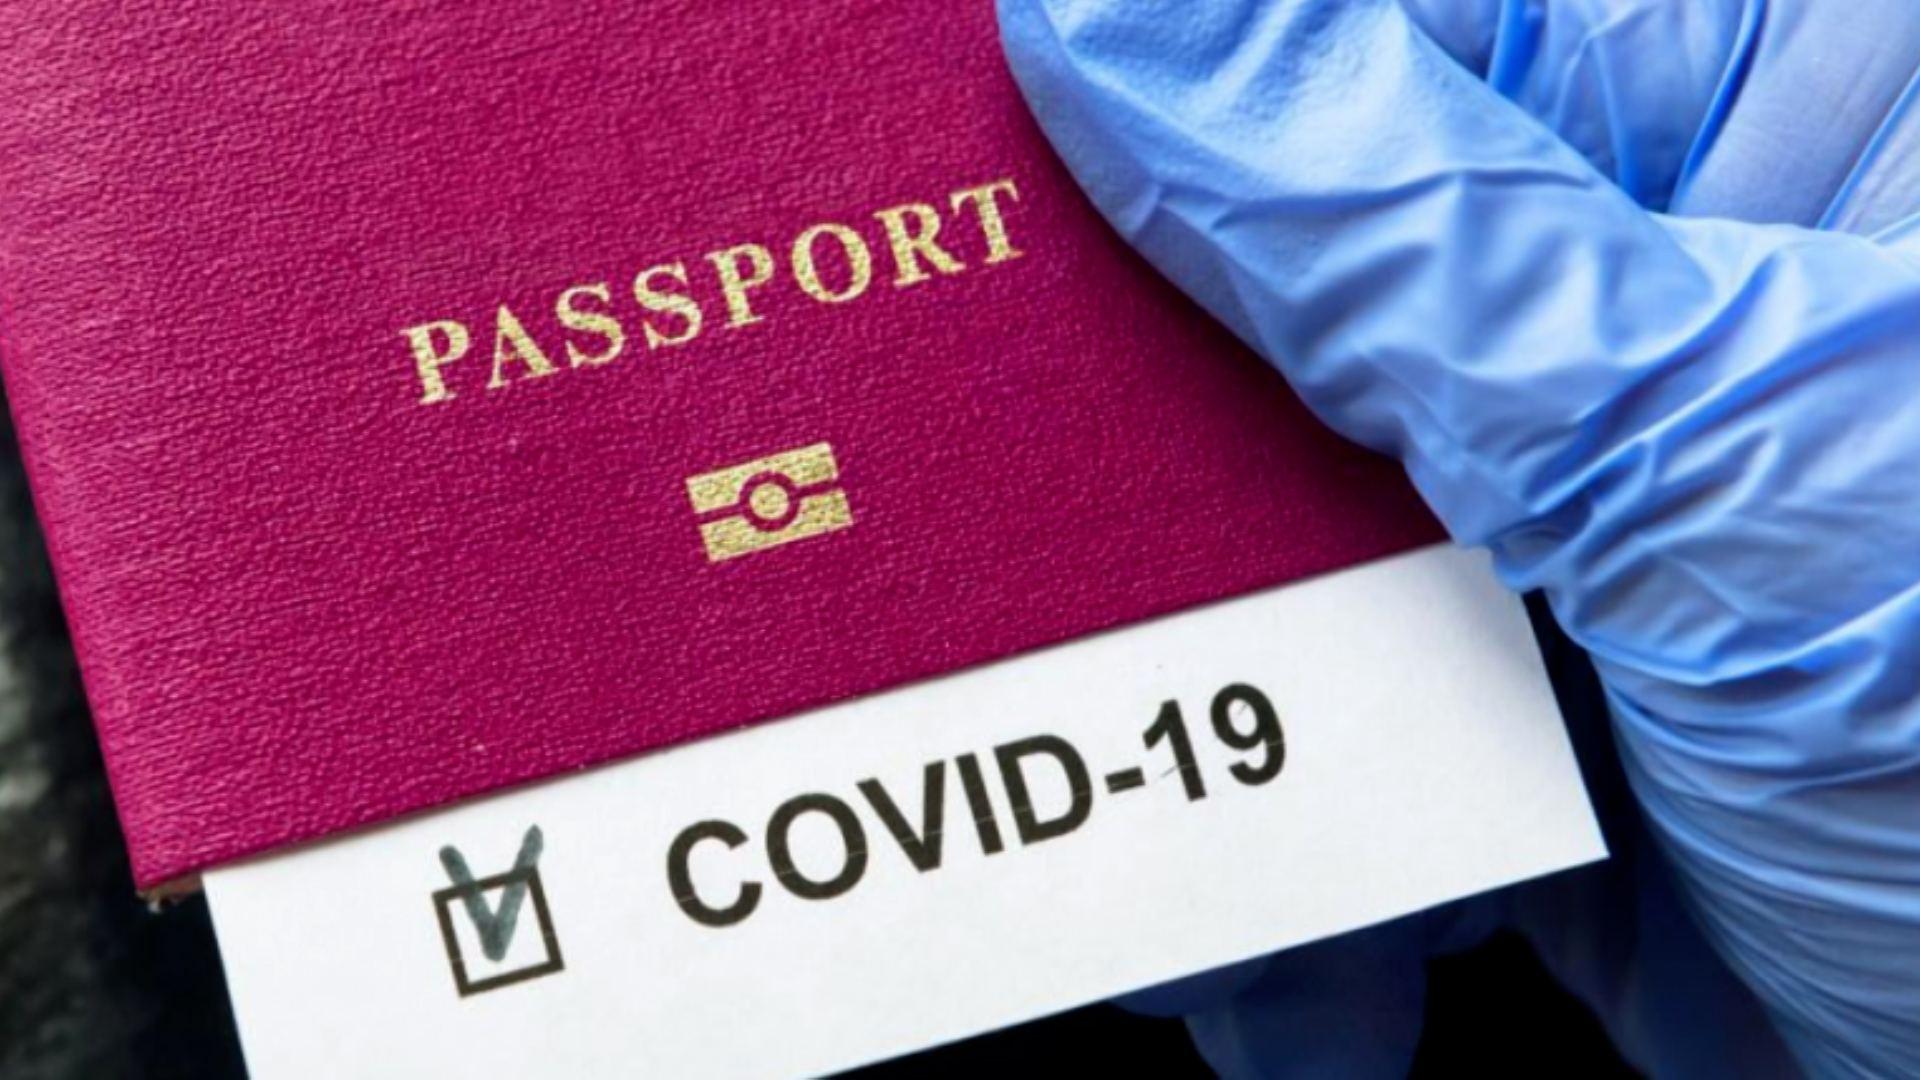 Valideynlərdən COVID pasportu tələb olunacaq? - Təhsil naziri açıqladı